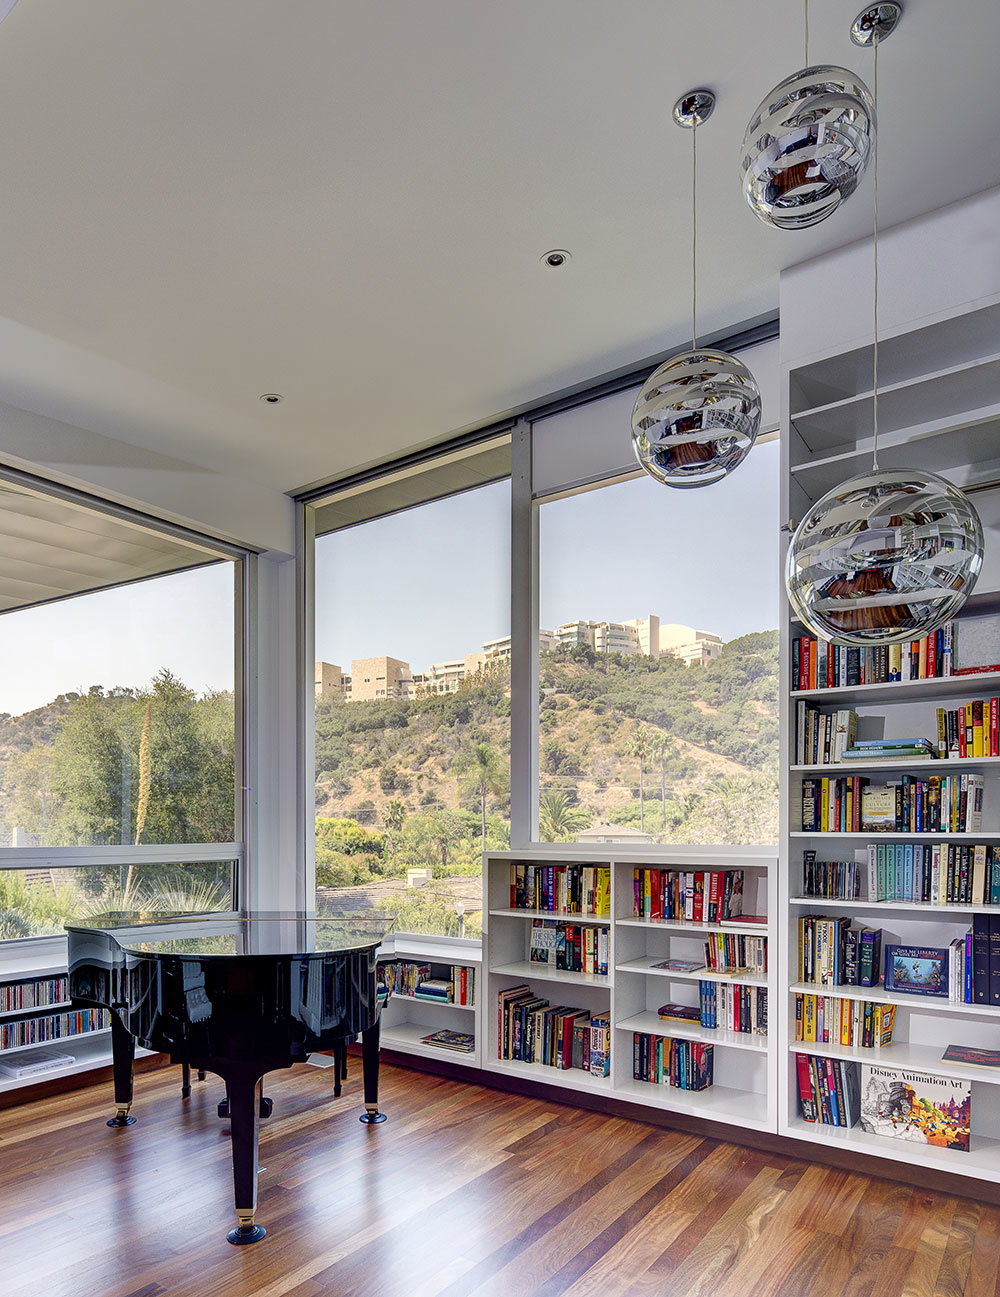 Dom s úžasným výhľadom skrýva viac, ako by ste očakávali